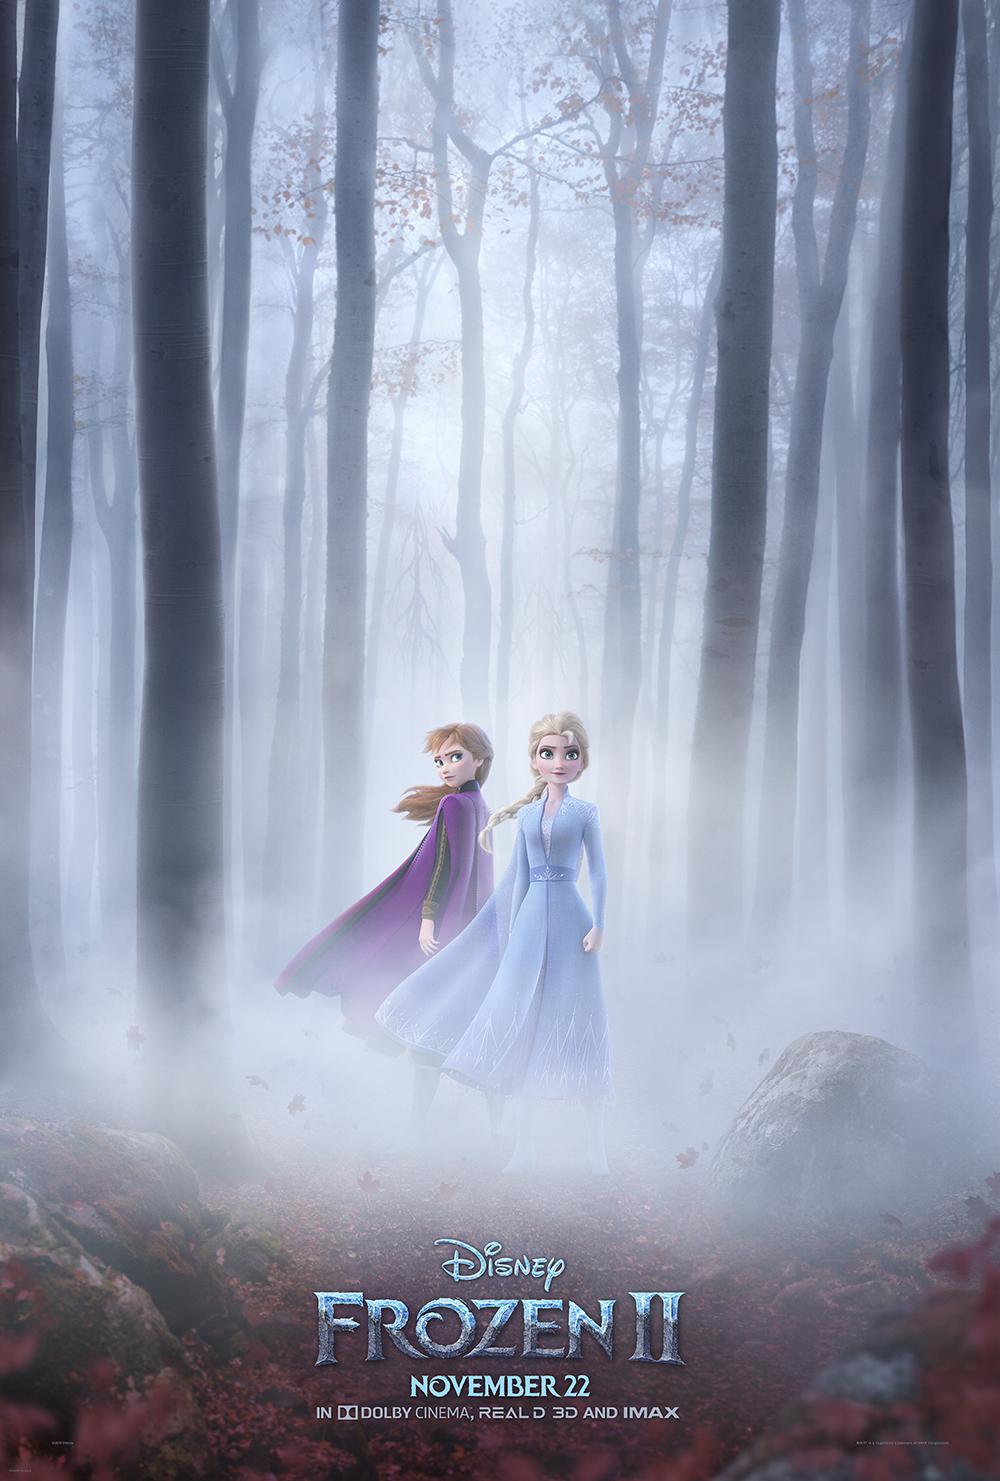 frozen 2 teaser poster - Segundo trailer oficial de Frozen 2